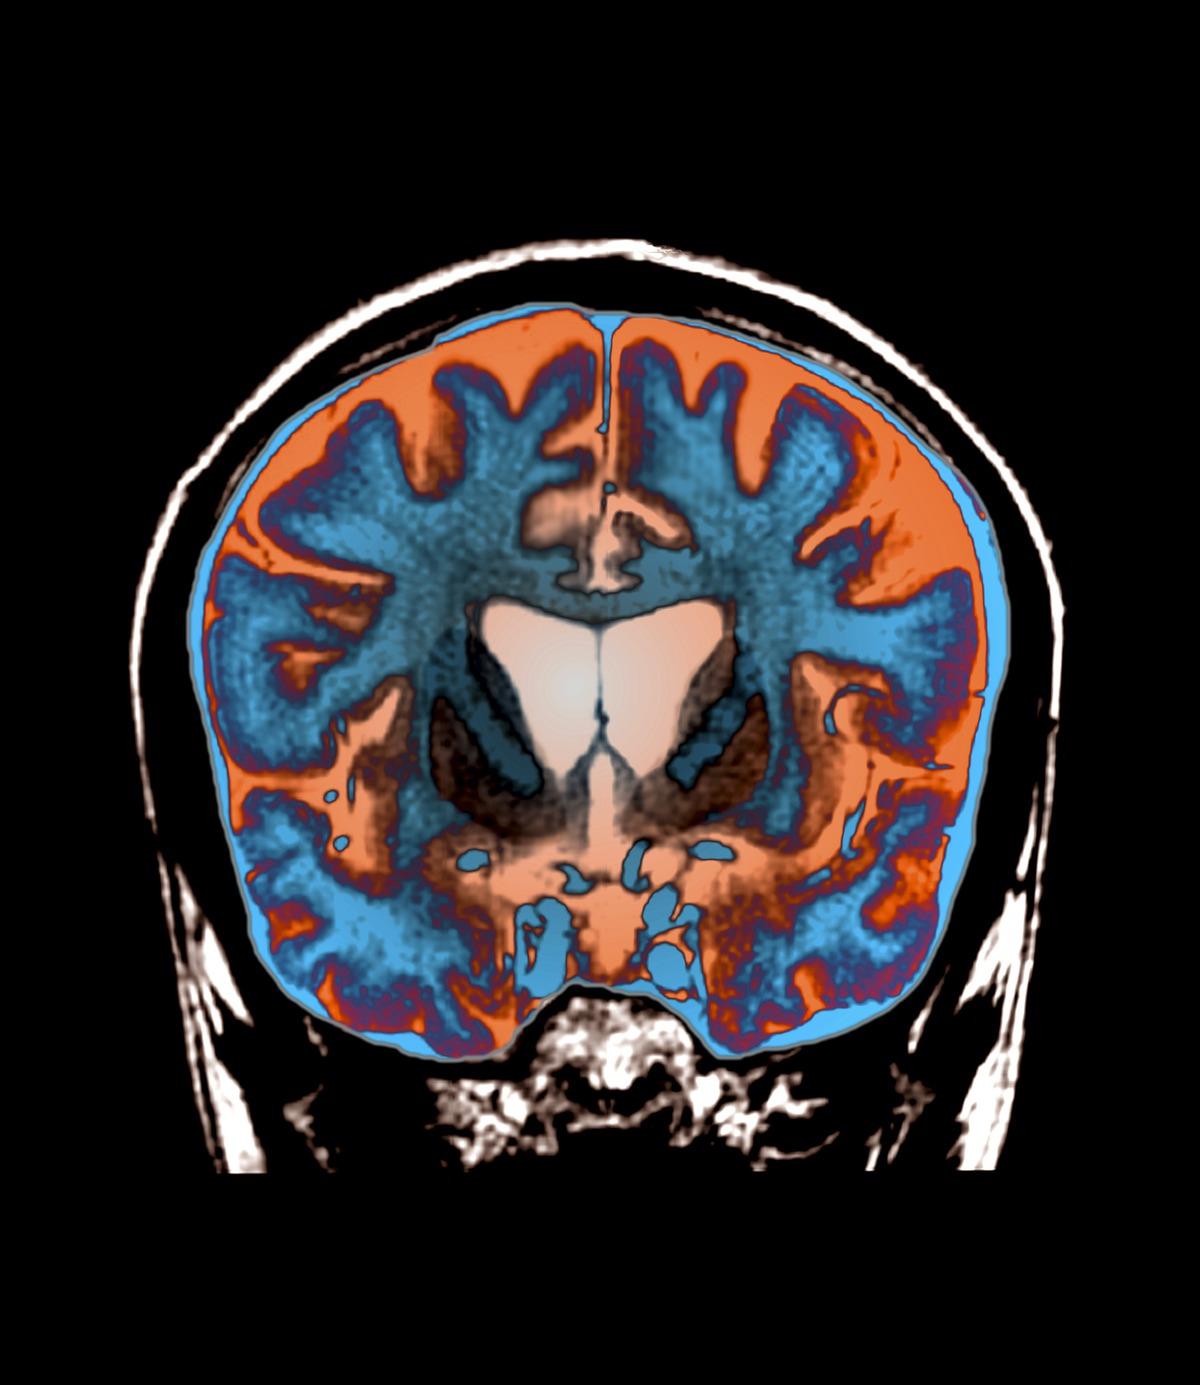 סריקת MRI צבועה של מוח של חולה הנטינגטון, מקור: spl